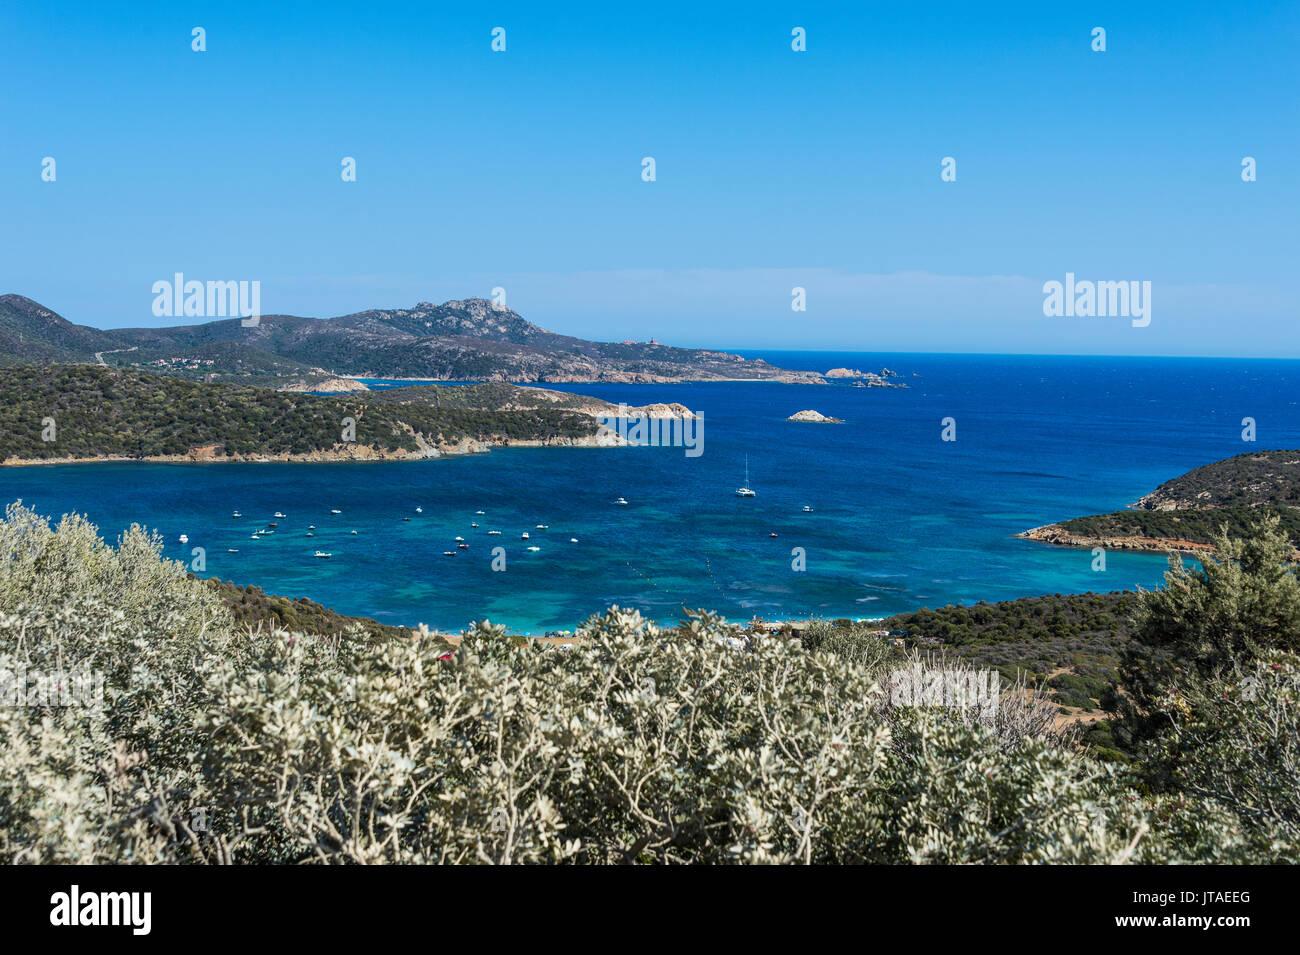 Belle baie della Costa del Sud Sardegna, Italia, Mediterraneo, Europa Immagini Stock